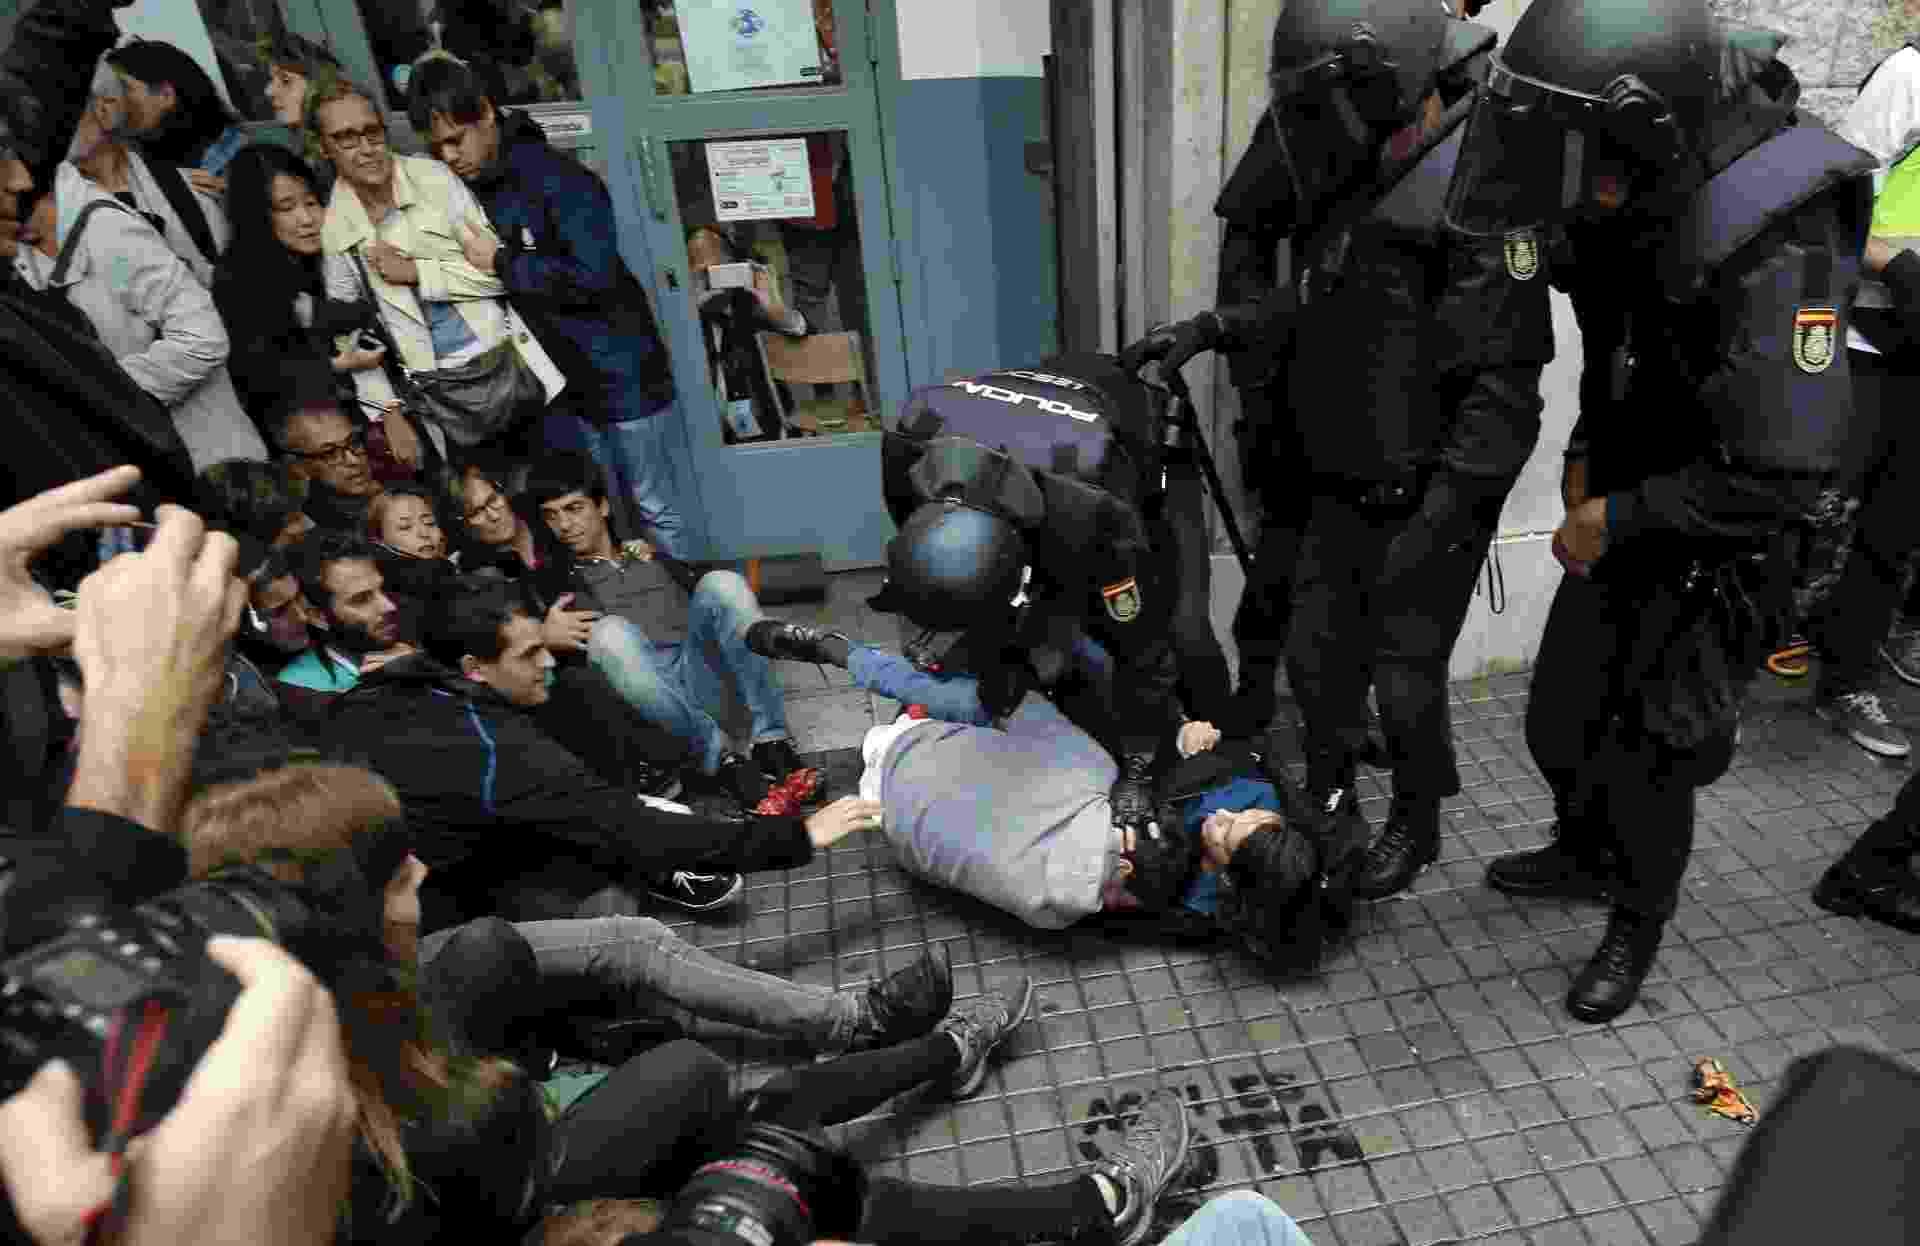 1º.out.2017 - Policiais espanhóis imobilizam duas pessoas do lado de fora de um local de votação em Barcelona, no dia de um referendo que vota a independência da Catalunha - Pau Barrena/AFP